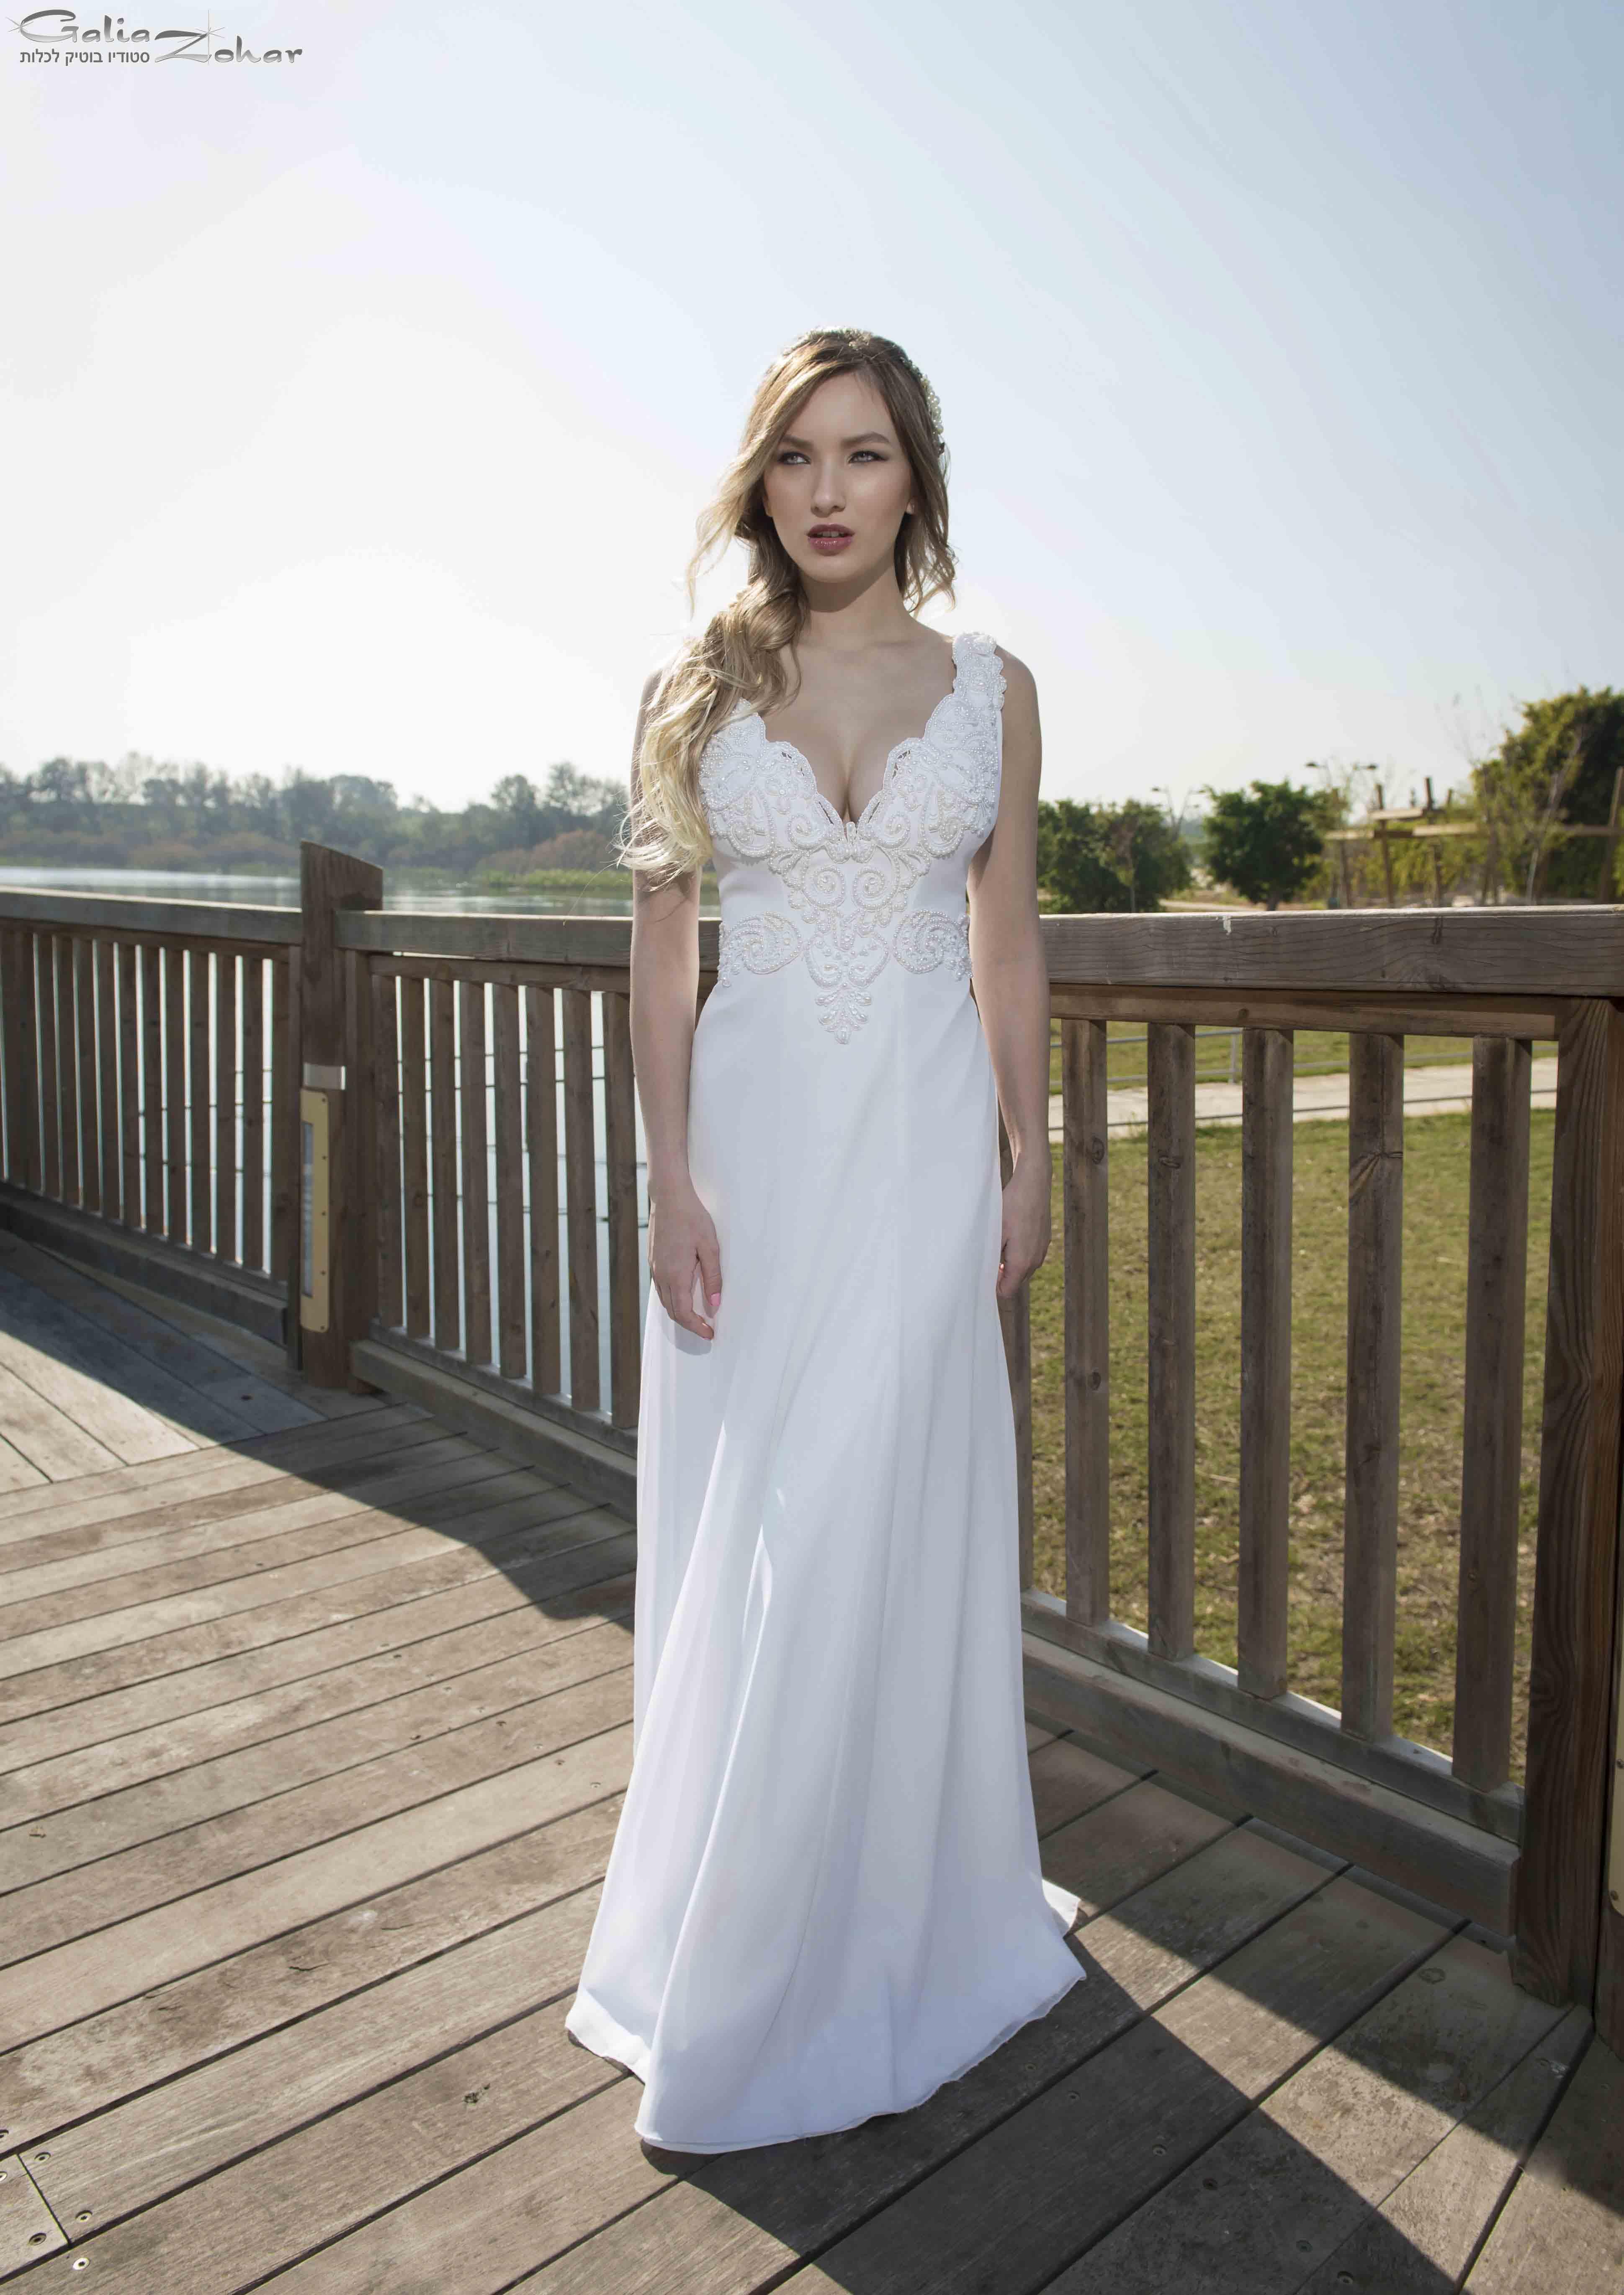 שמלת כלה מעודנת בעיטורי פנינים